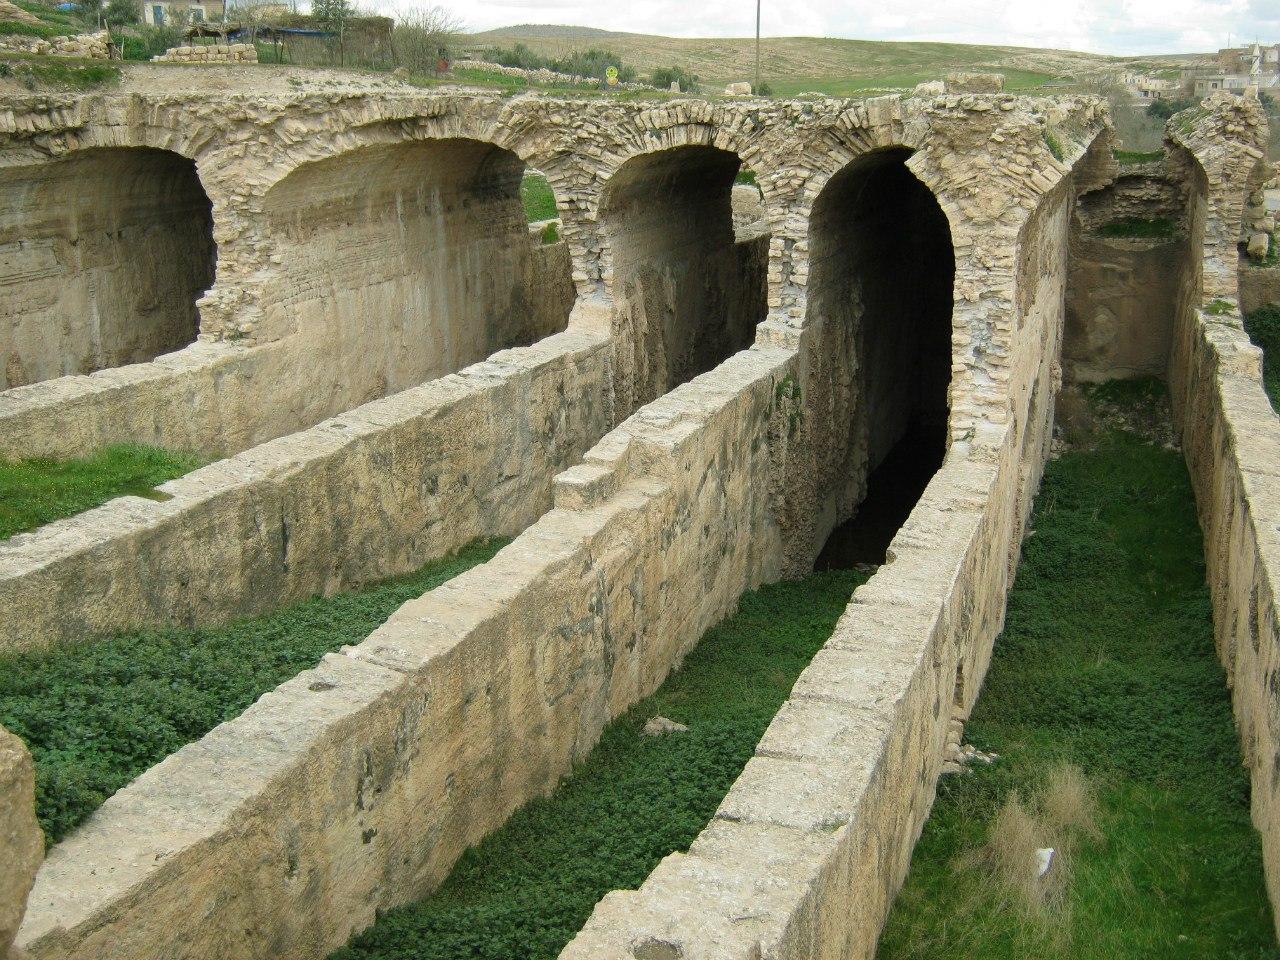 резервуар и канал в Дара